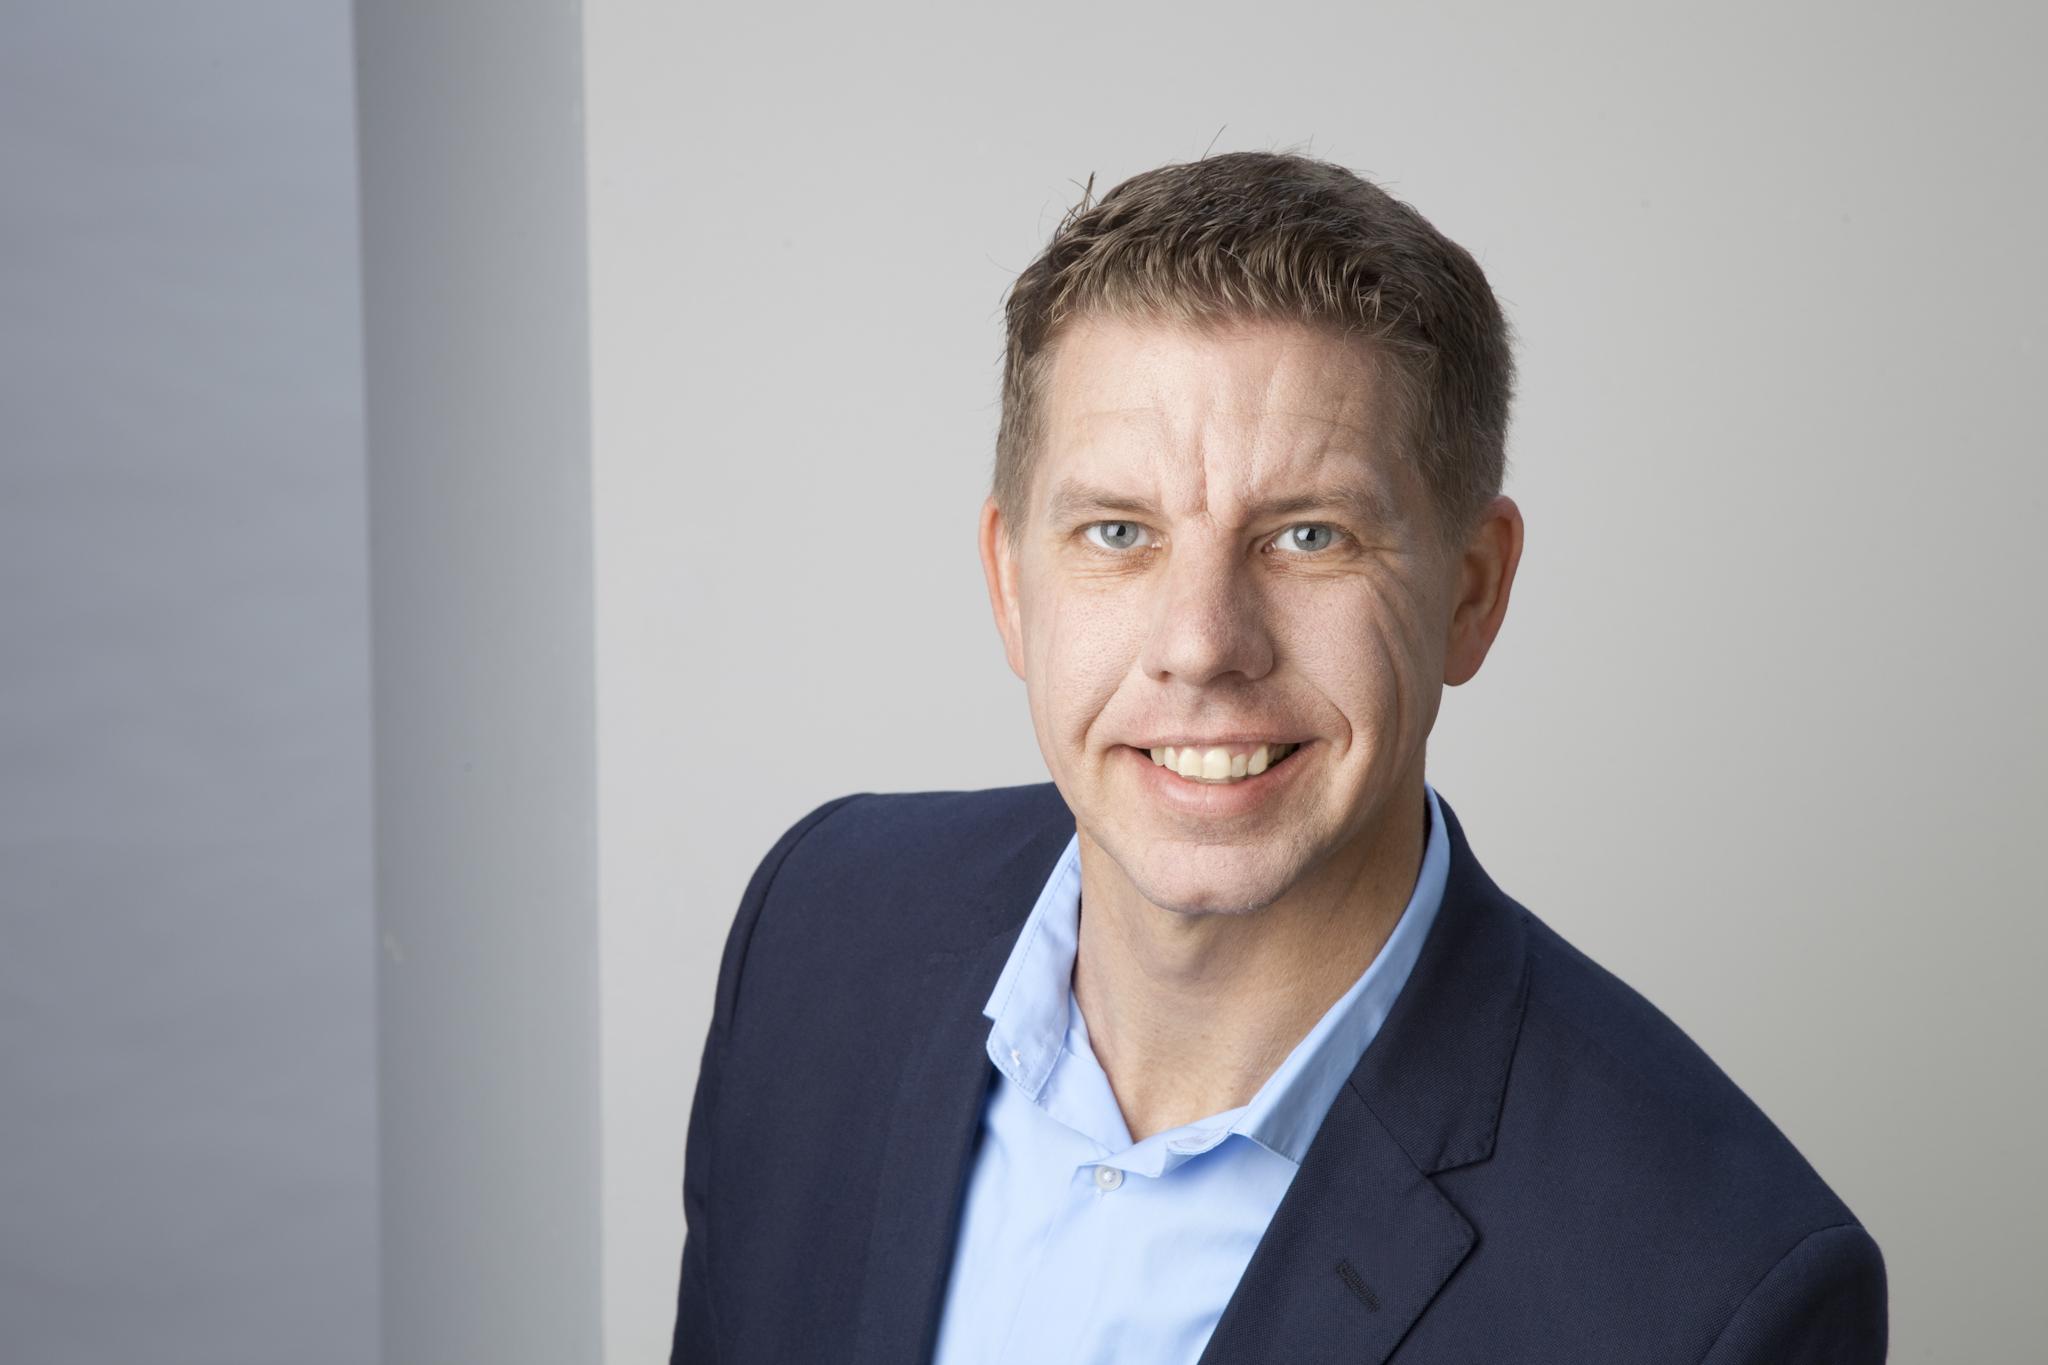 André Mengelkamp, selbstständiger Baufinanzierungsvermittler bei BaugeldKonzepte